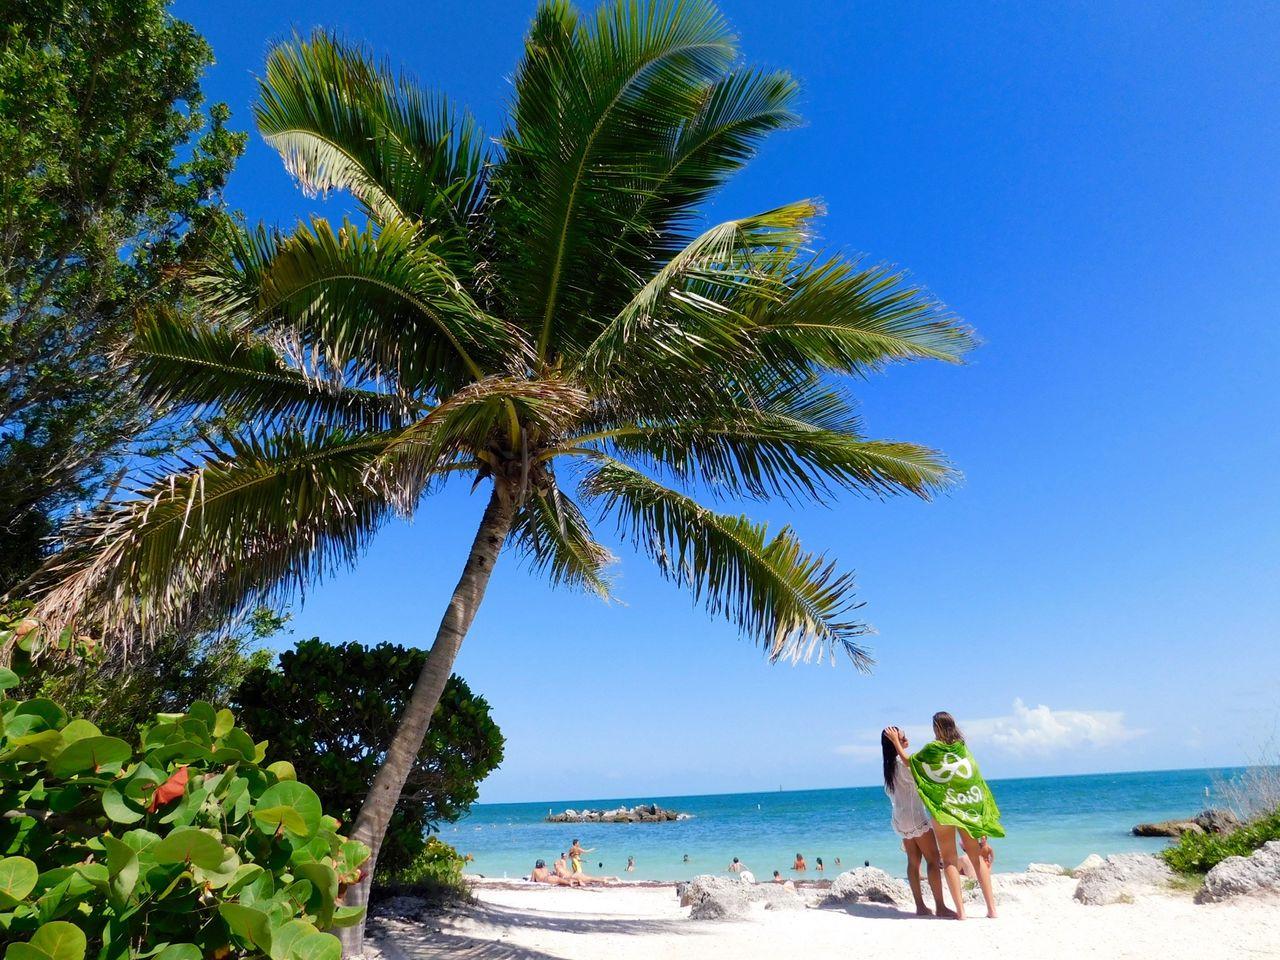 Hôtels pas chers Deerfield Beach: Consultez 3273 avis de voyageurs, photos.